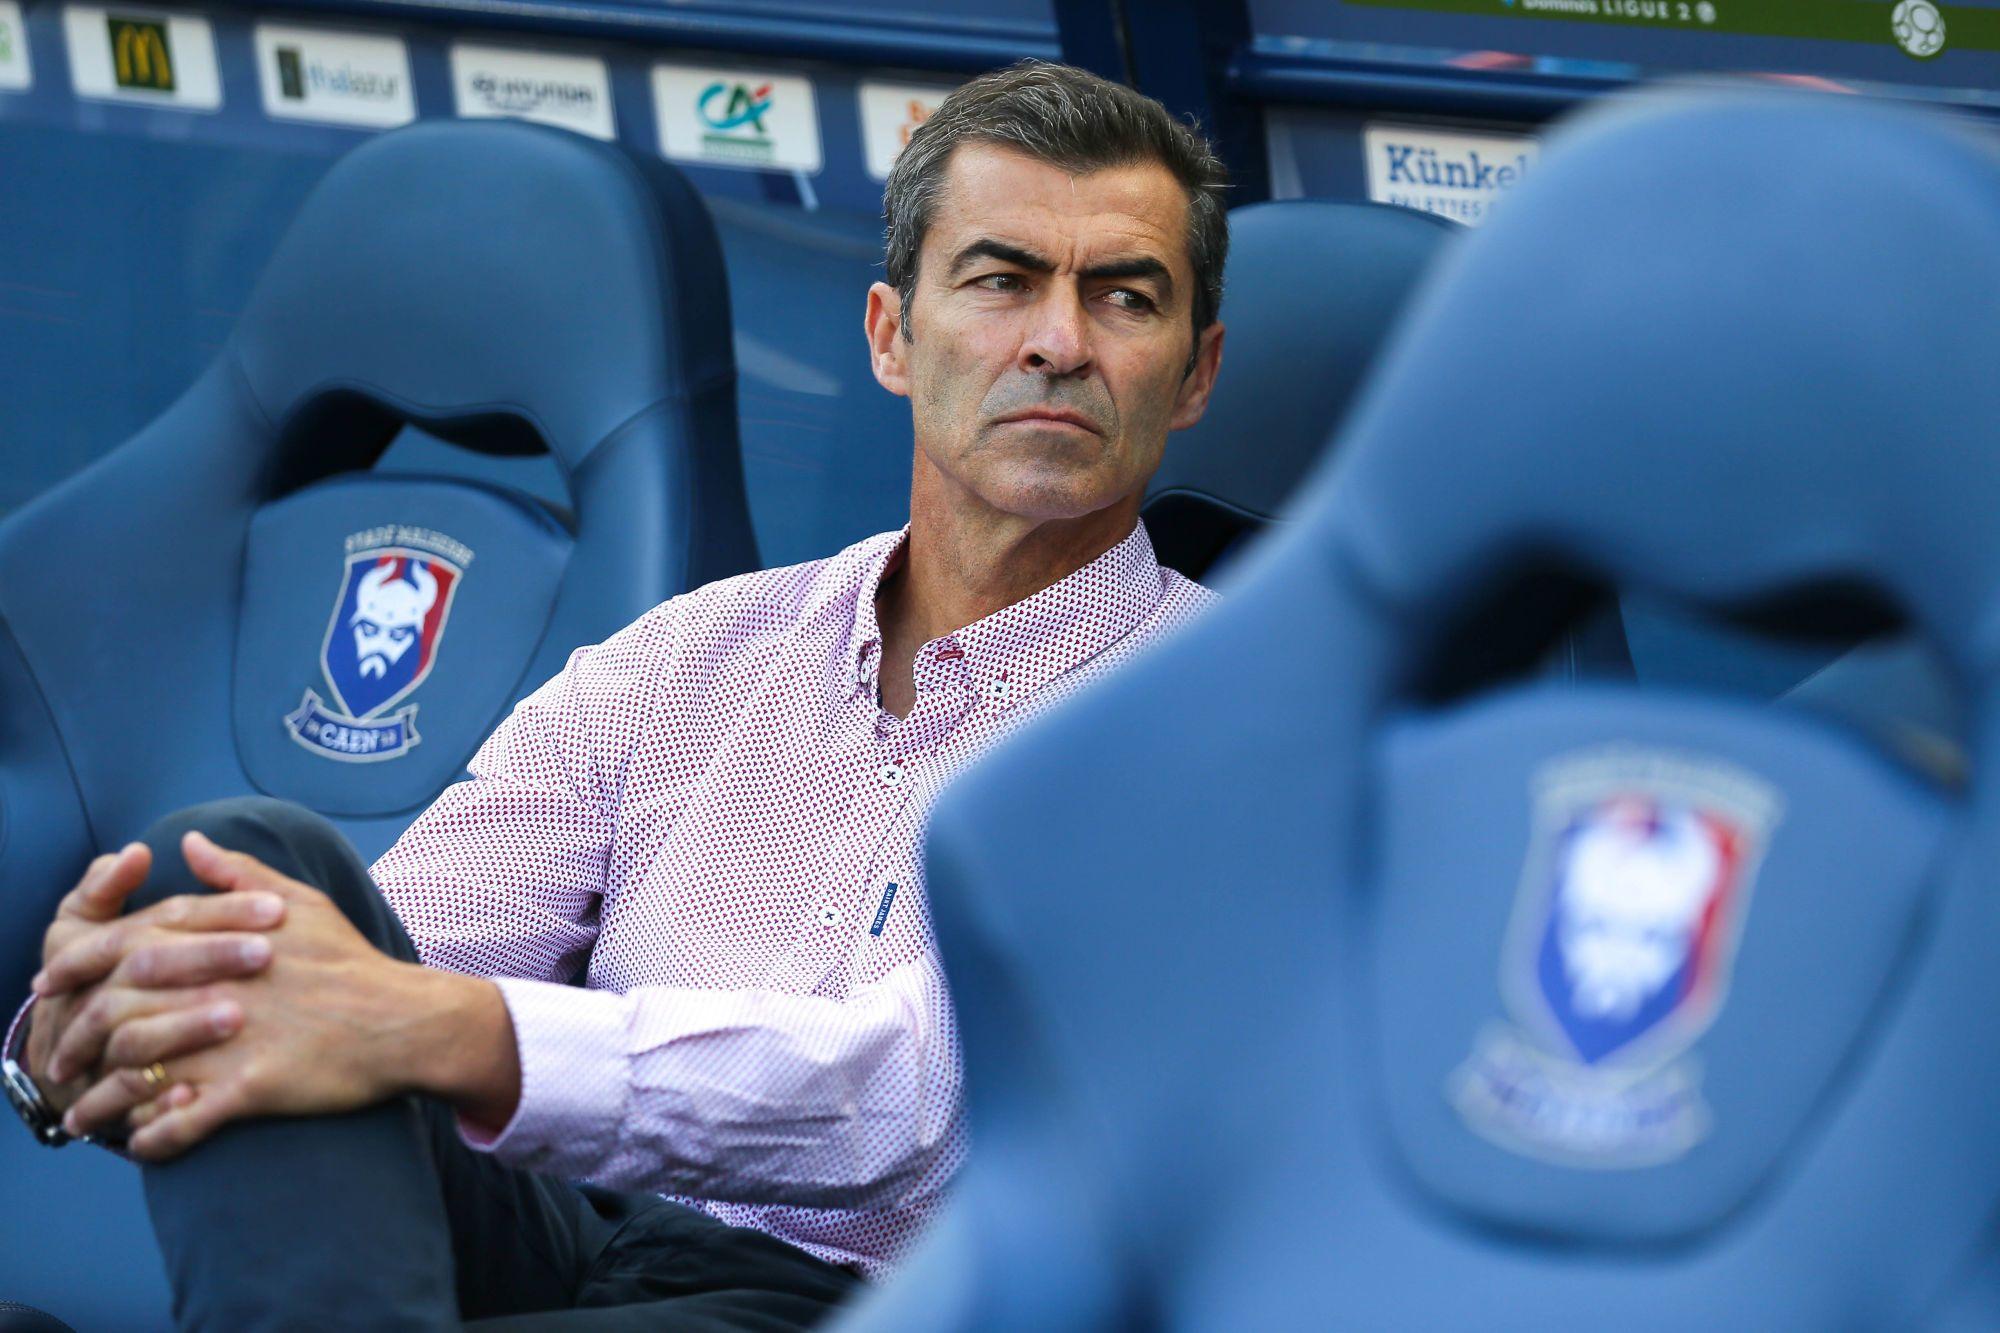 Rui Almeida limogé de Gil Vicente (D1 portugaise) après 7 matchs